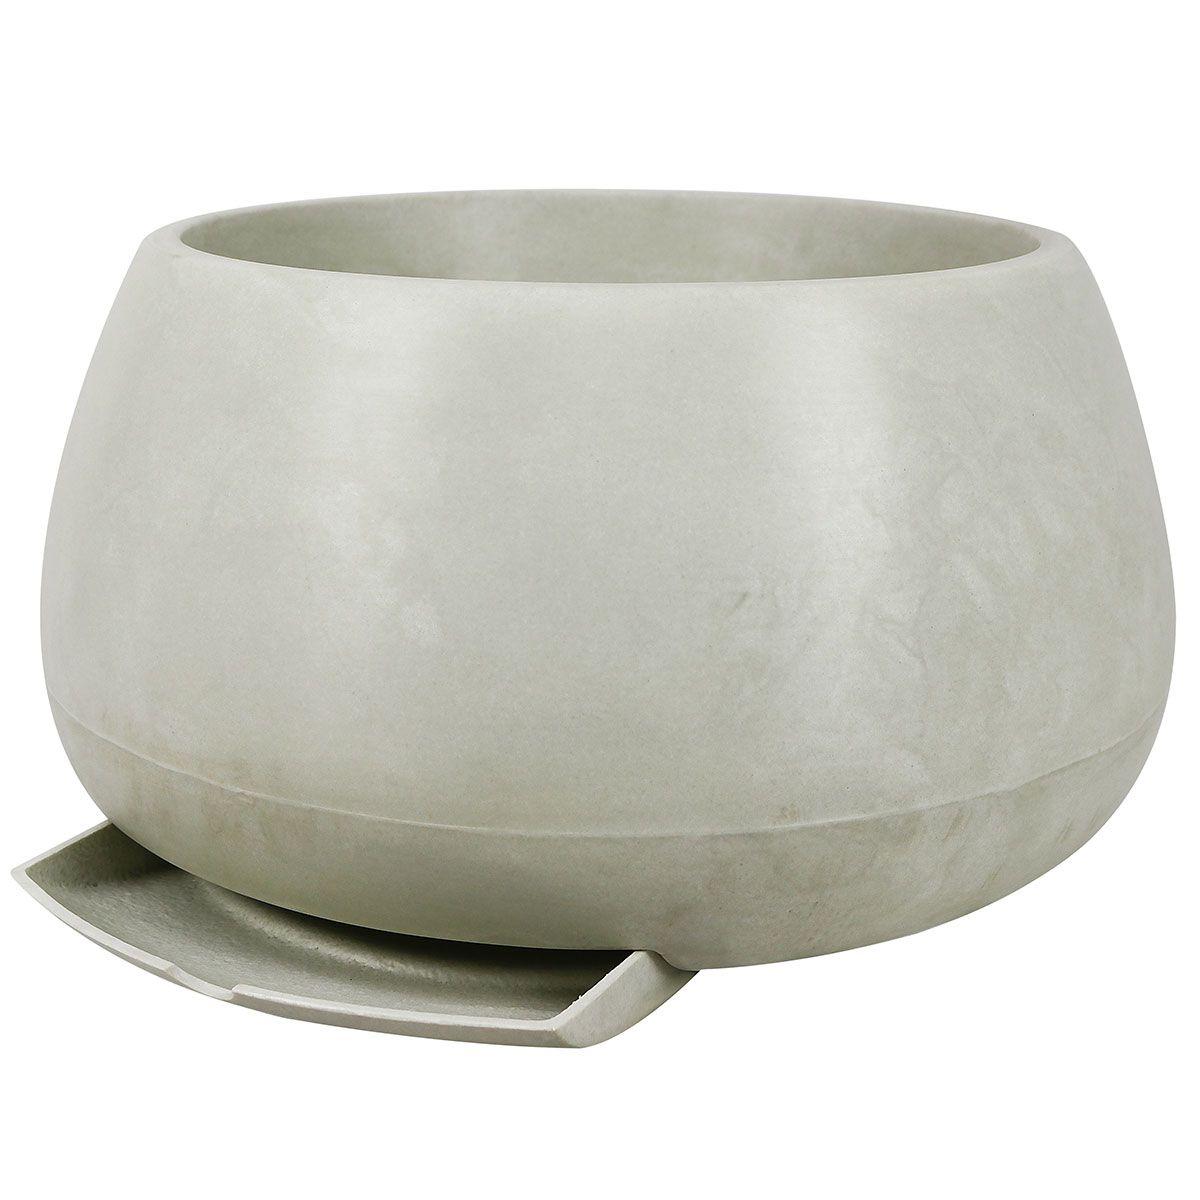 Vaso Oca Bowl 45 / 58 x 30 CM - VASART